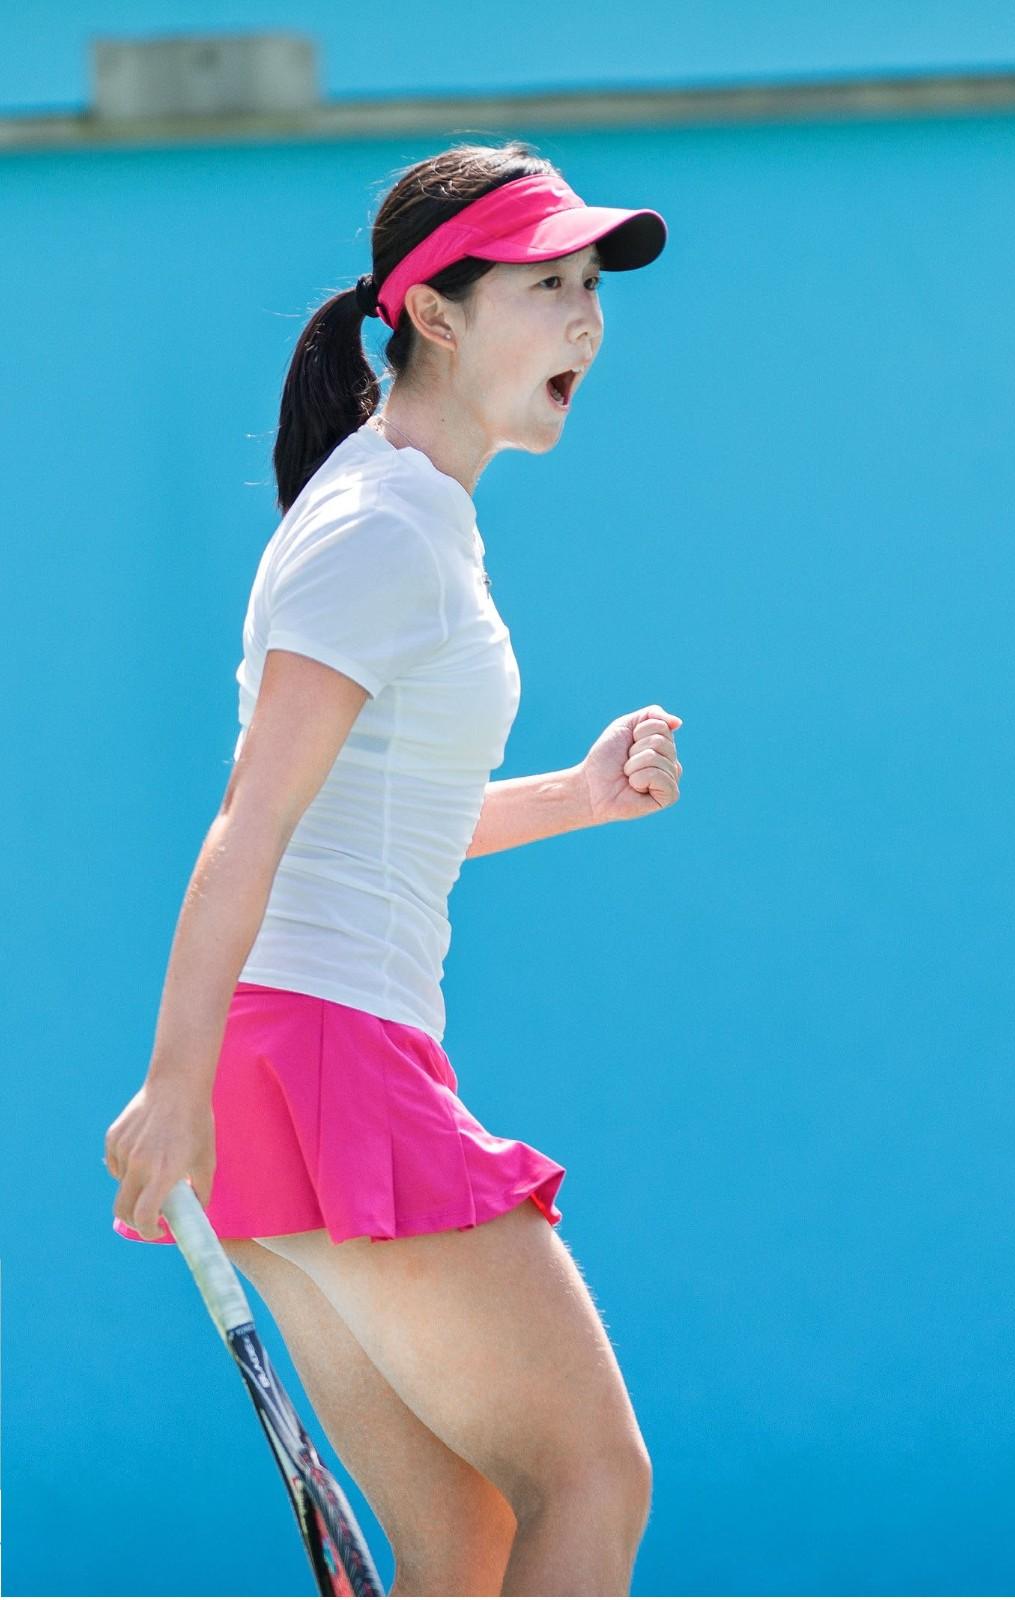 网球最快的时速是多少 羽毛球最快的时速是多少